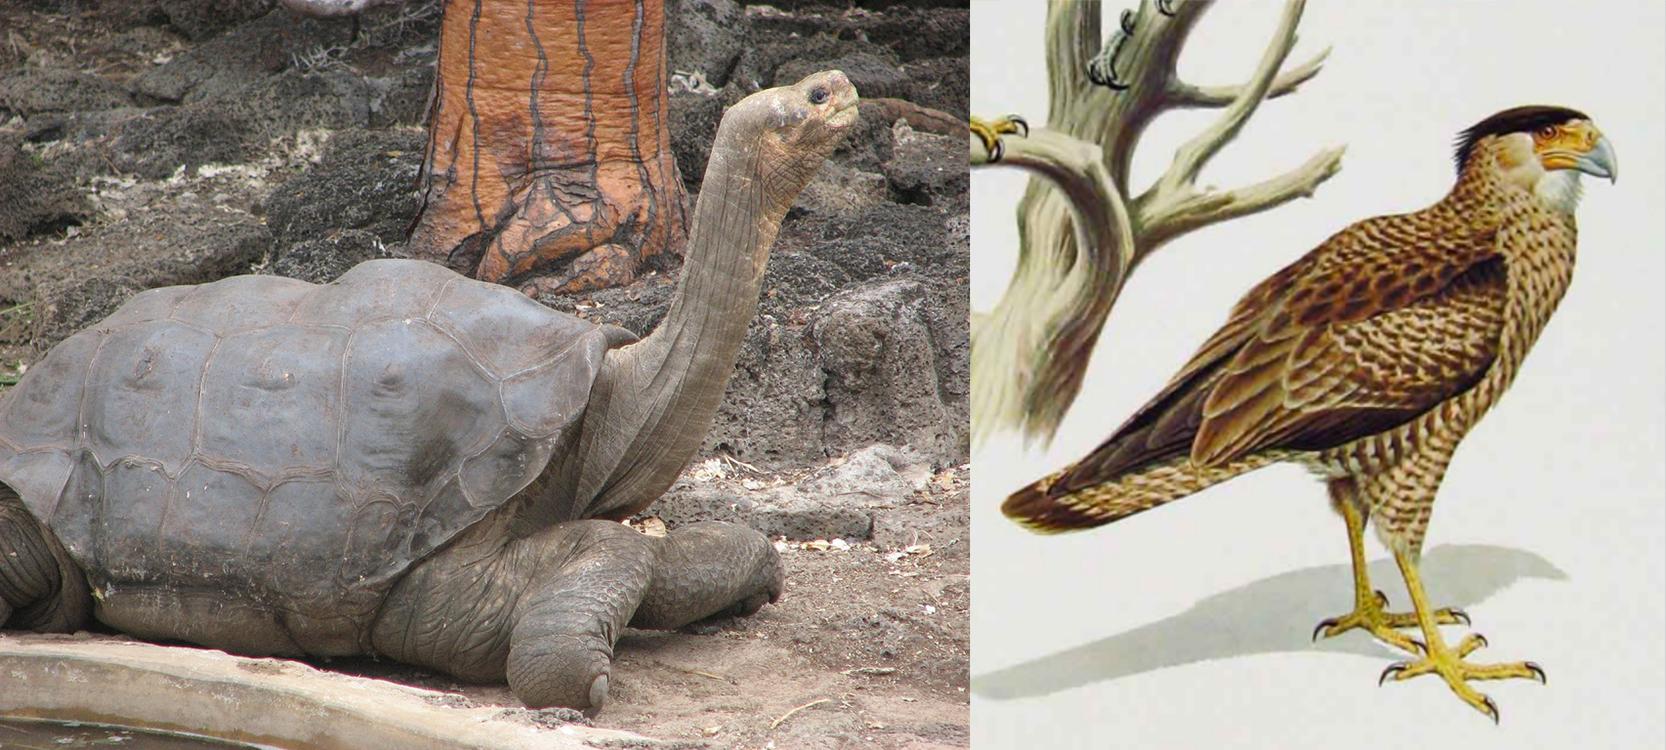 Photo de gauche : Lonesome George, dernière tortue de cette espèce aux Galapagos, Rollo ayant sacrifié les trois autres spécimens encore vivants. Aux dernières nouvelles, des tortues sauvages de cette espèce justement auraient été trouvées récemment sur l'île Pinta...  Photo de droite : Le caracaras de Guadalupe ; Rollo Beck admit, quelques années après en avoir capturé un, qu'il savait que c'était le dernier spécimen vivant de cette espèce.